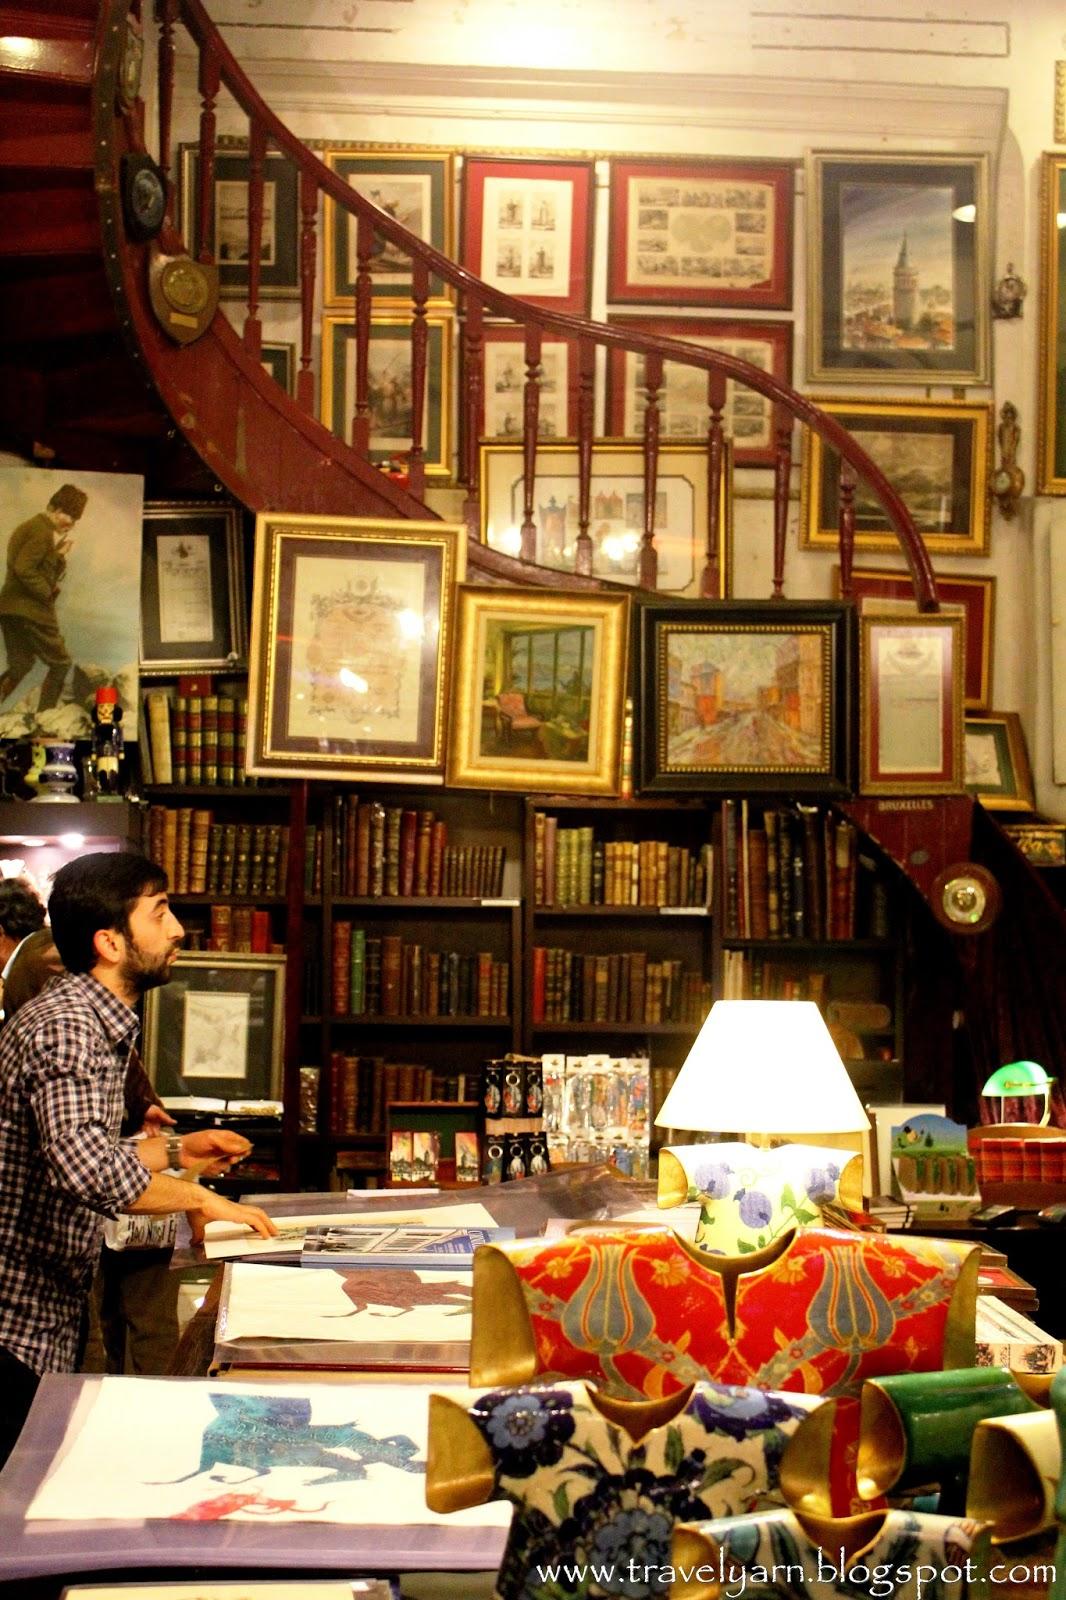 Book Store: Denizler Kitabevi In Istanbul, Turkey